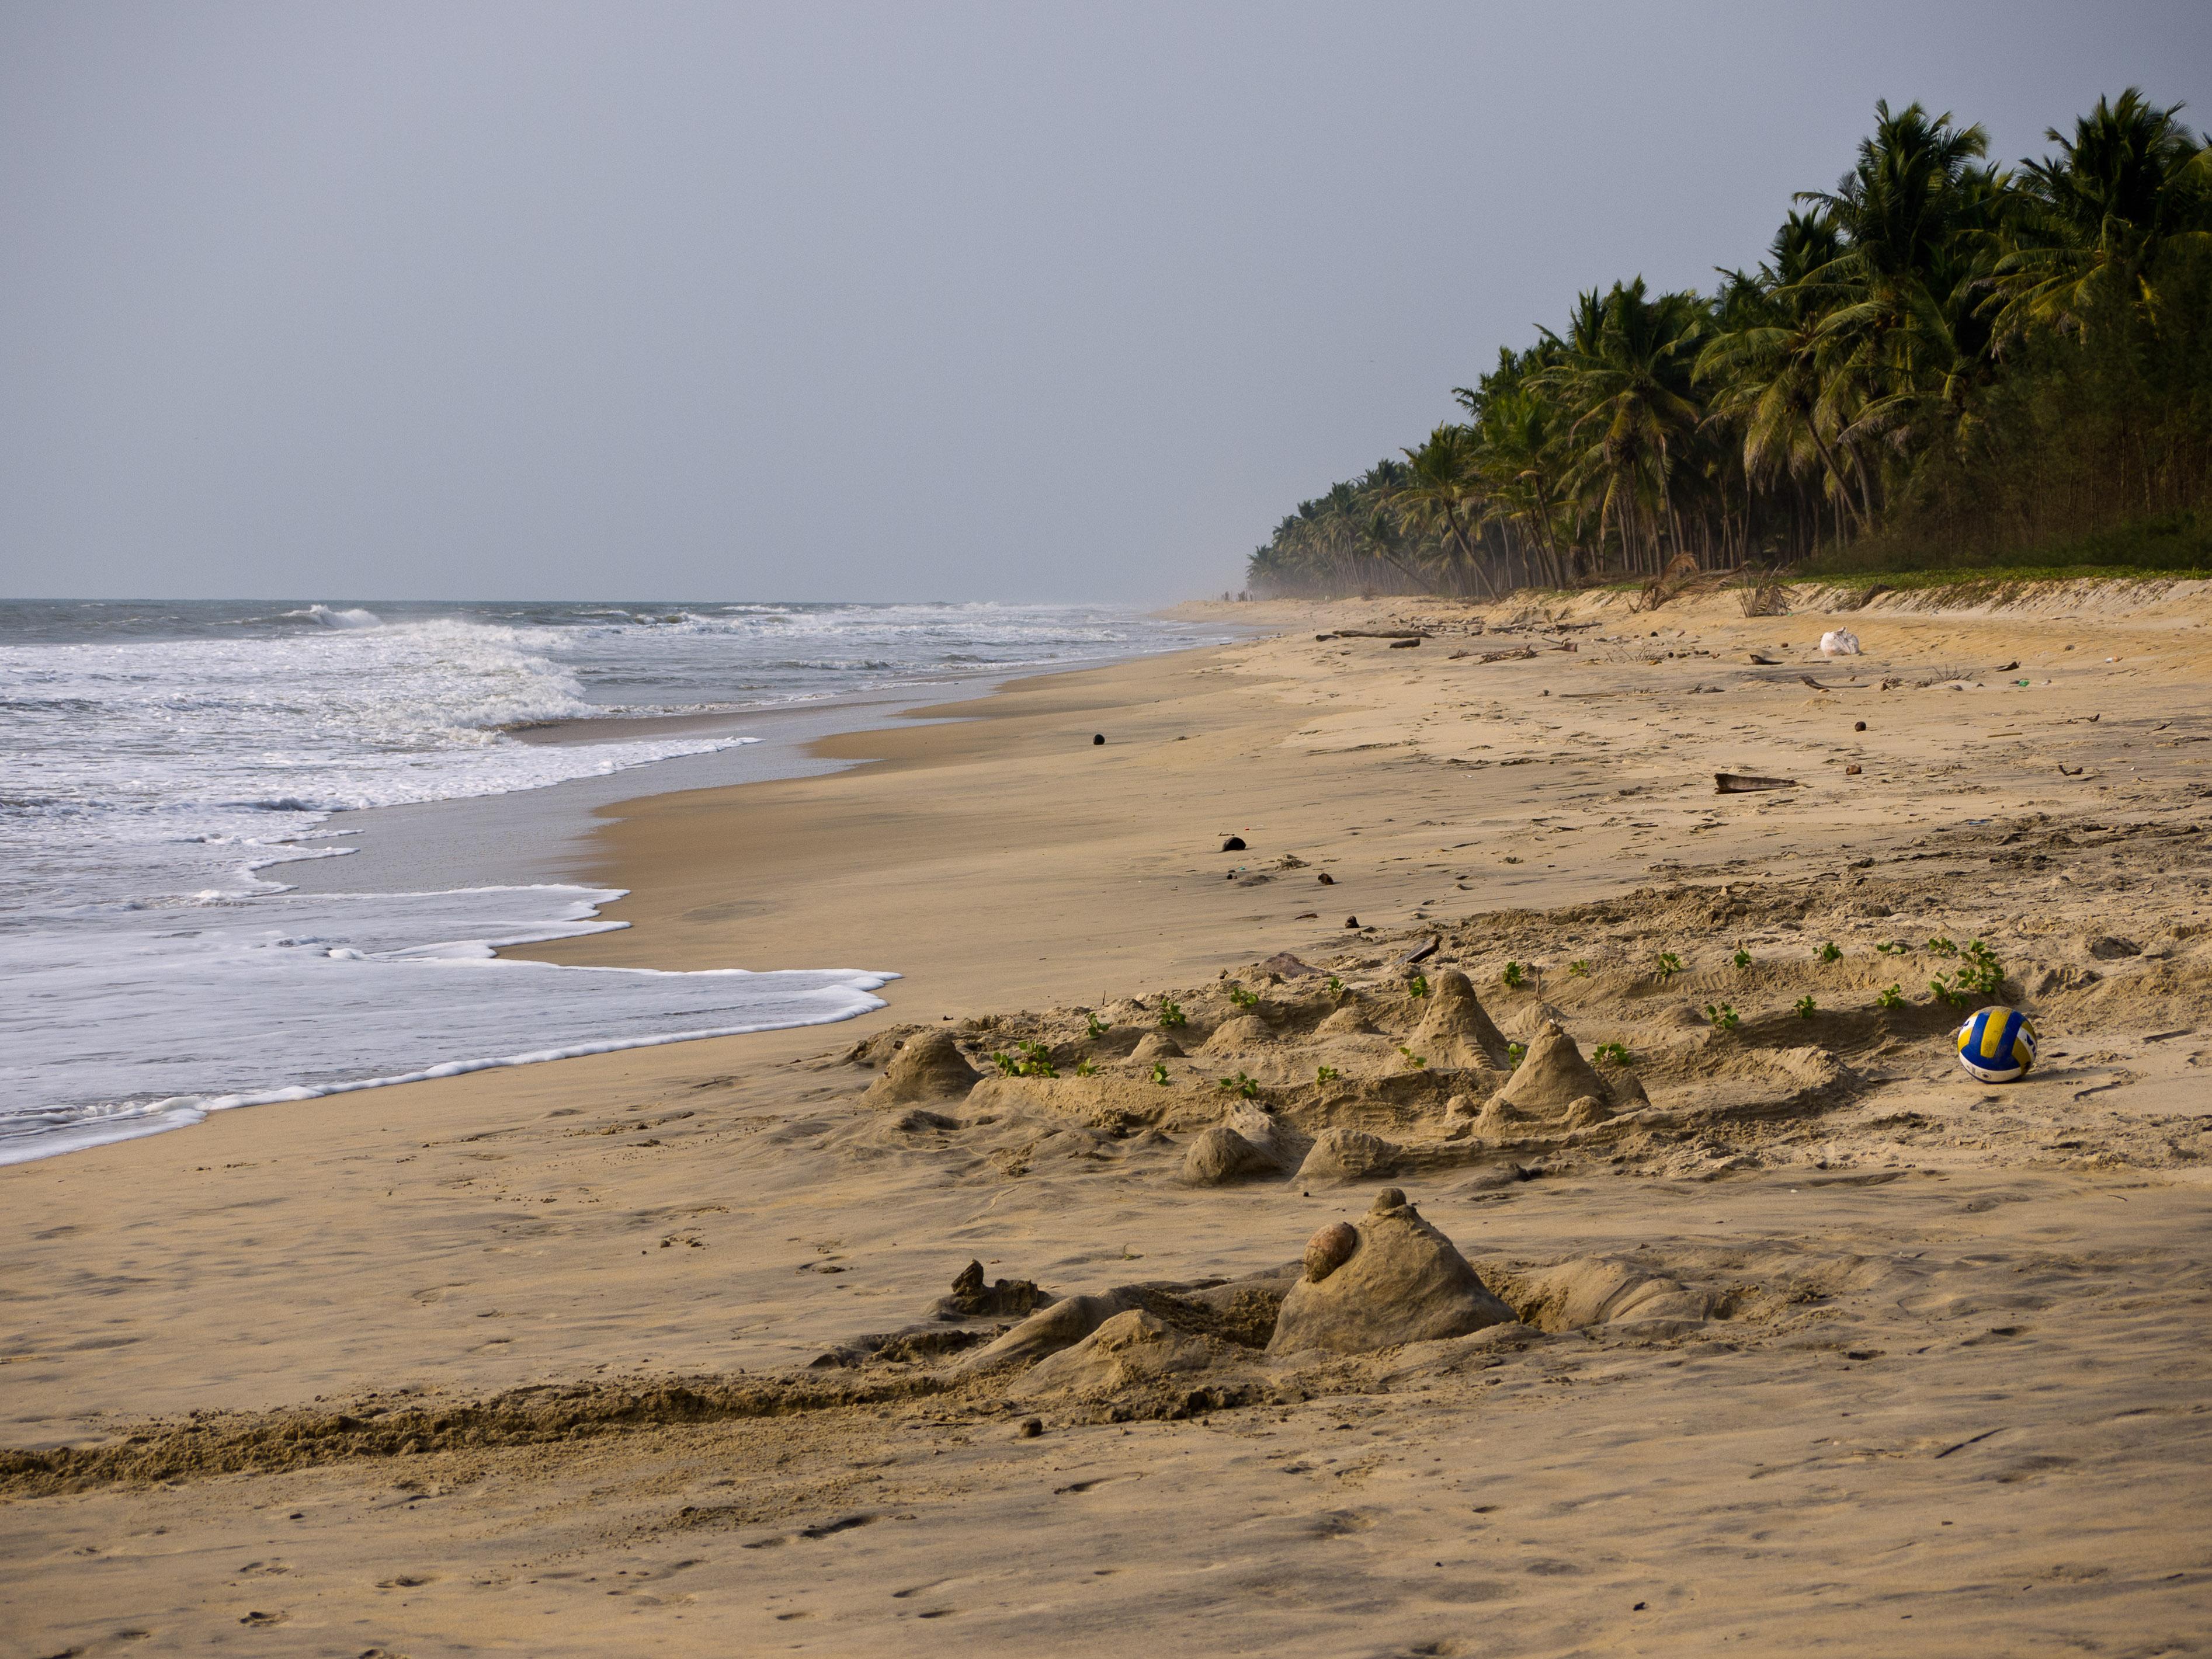 Thengapattinam Beach